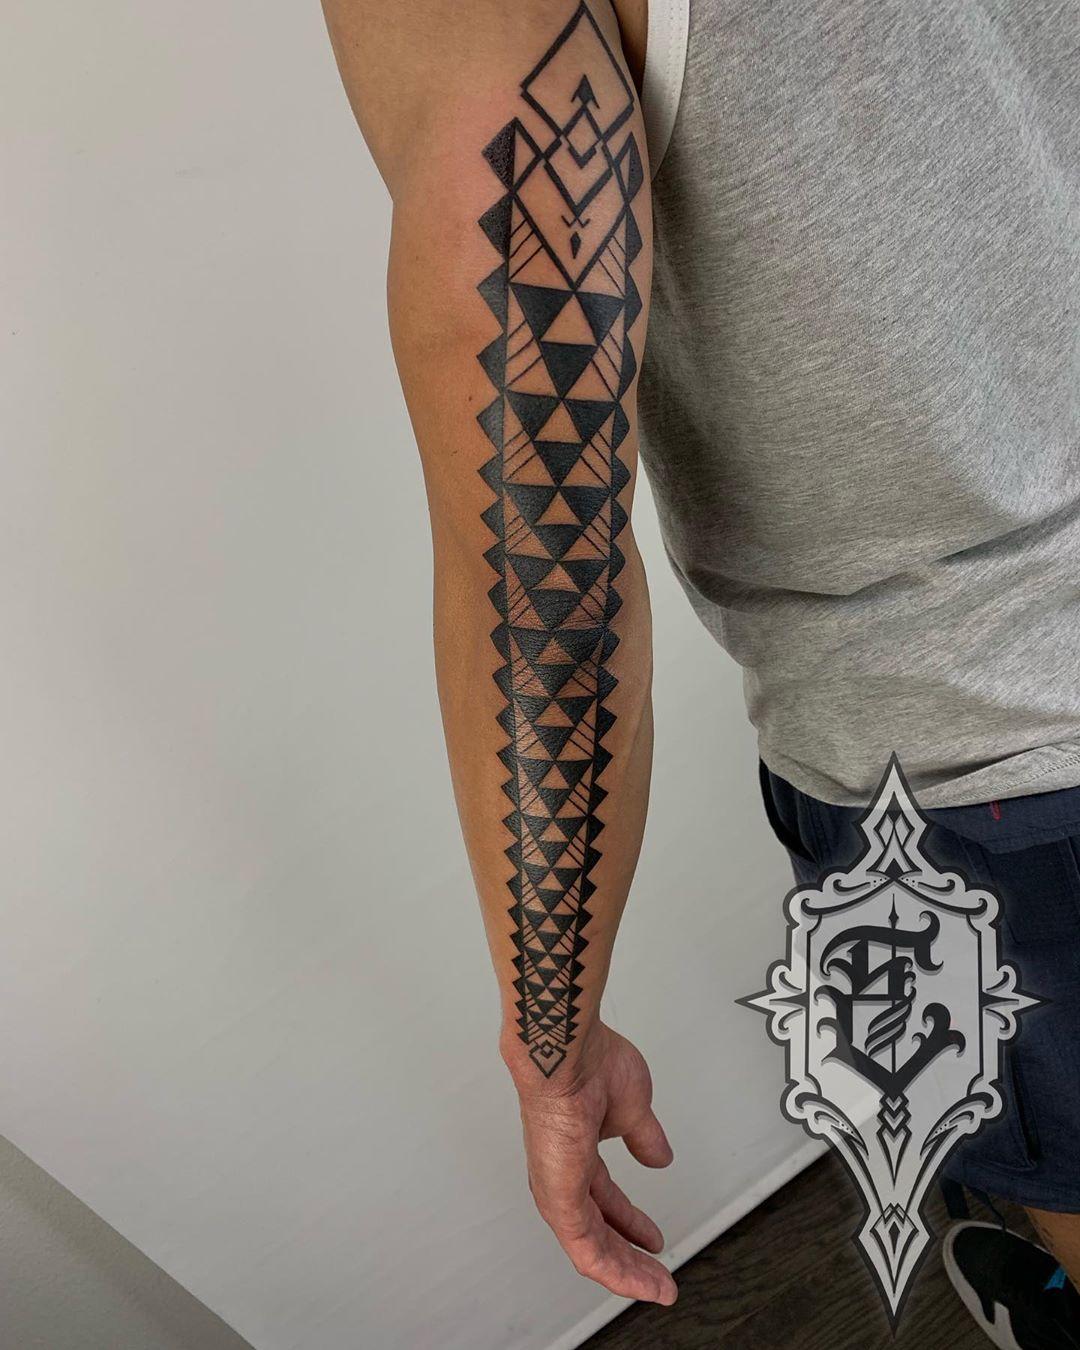 Spears in Hawaiian tattoo